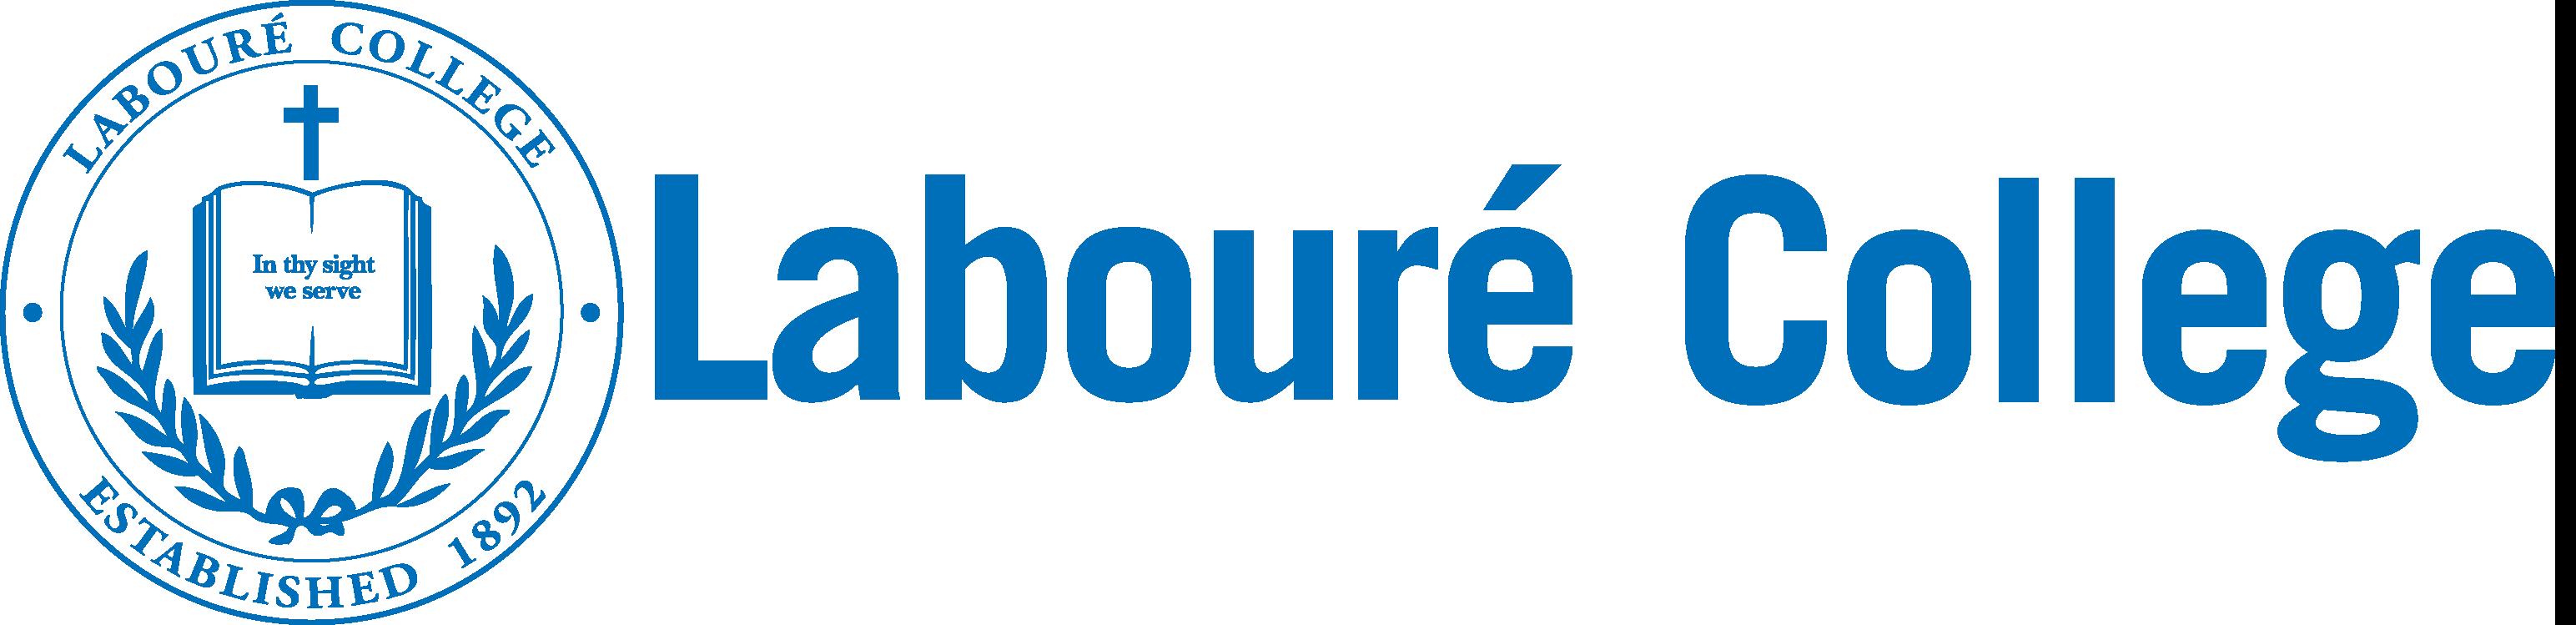 Labouré College Logo